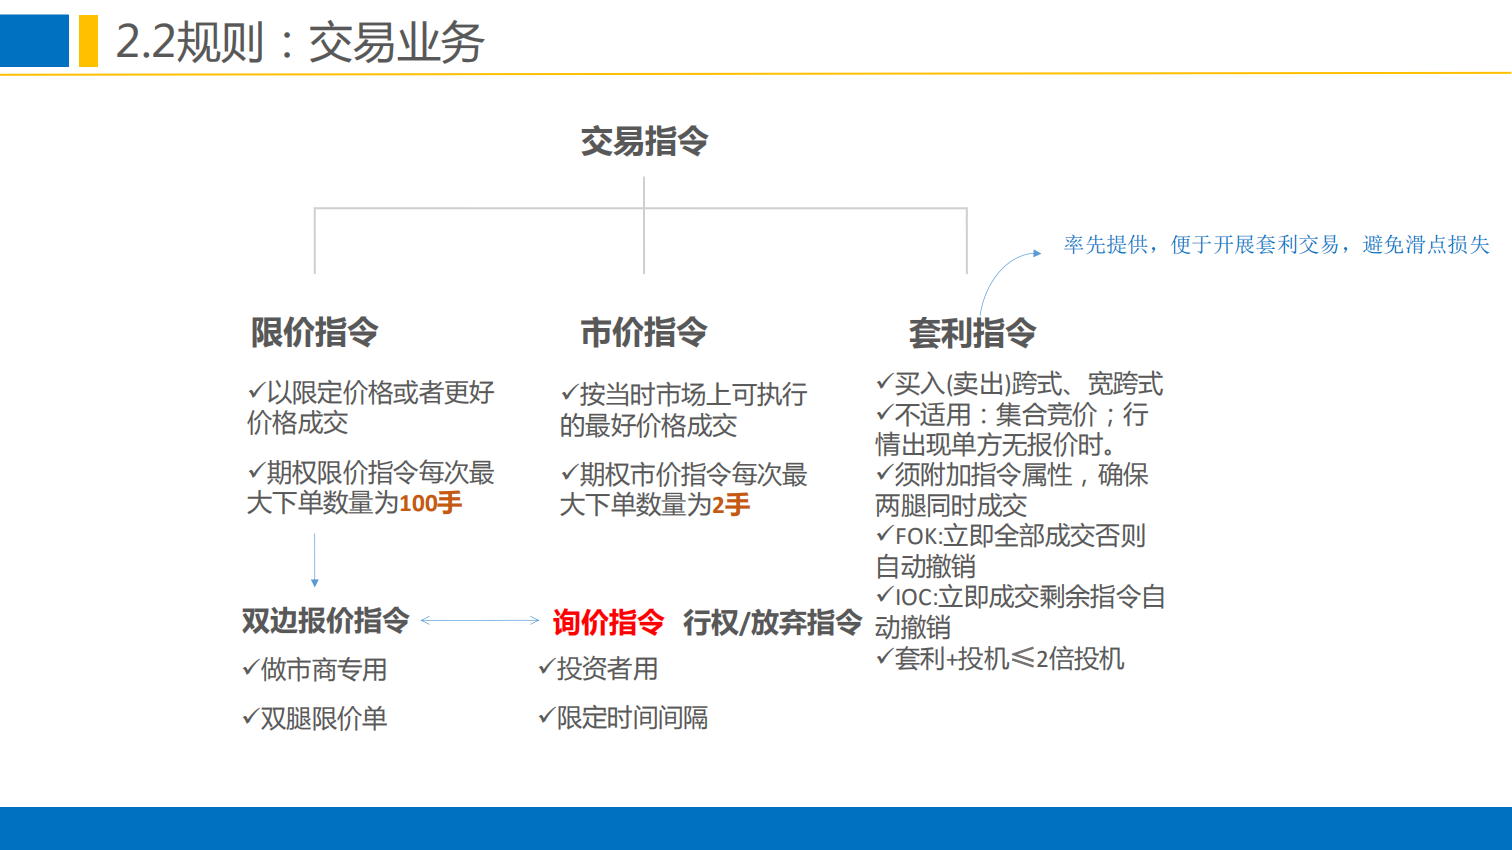 晨会:郑商所培训分享-棉花期权合约规则与上市工作安排0111.pdfx_18.png